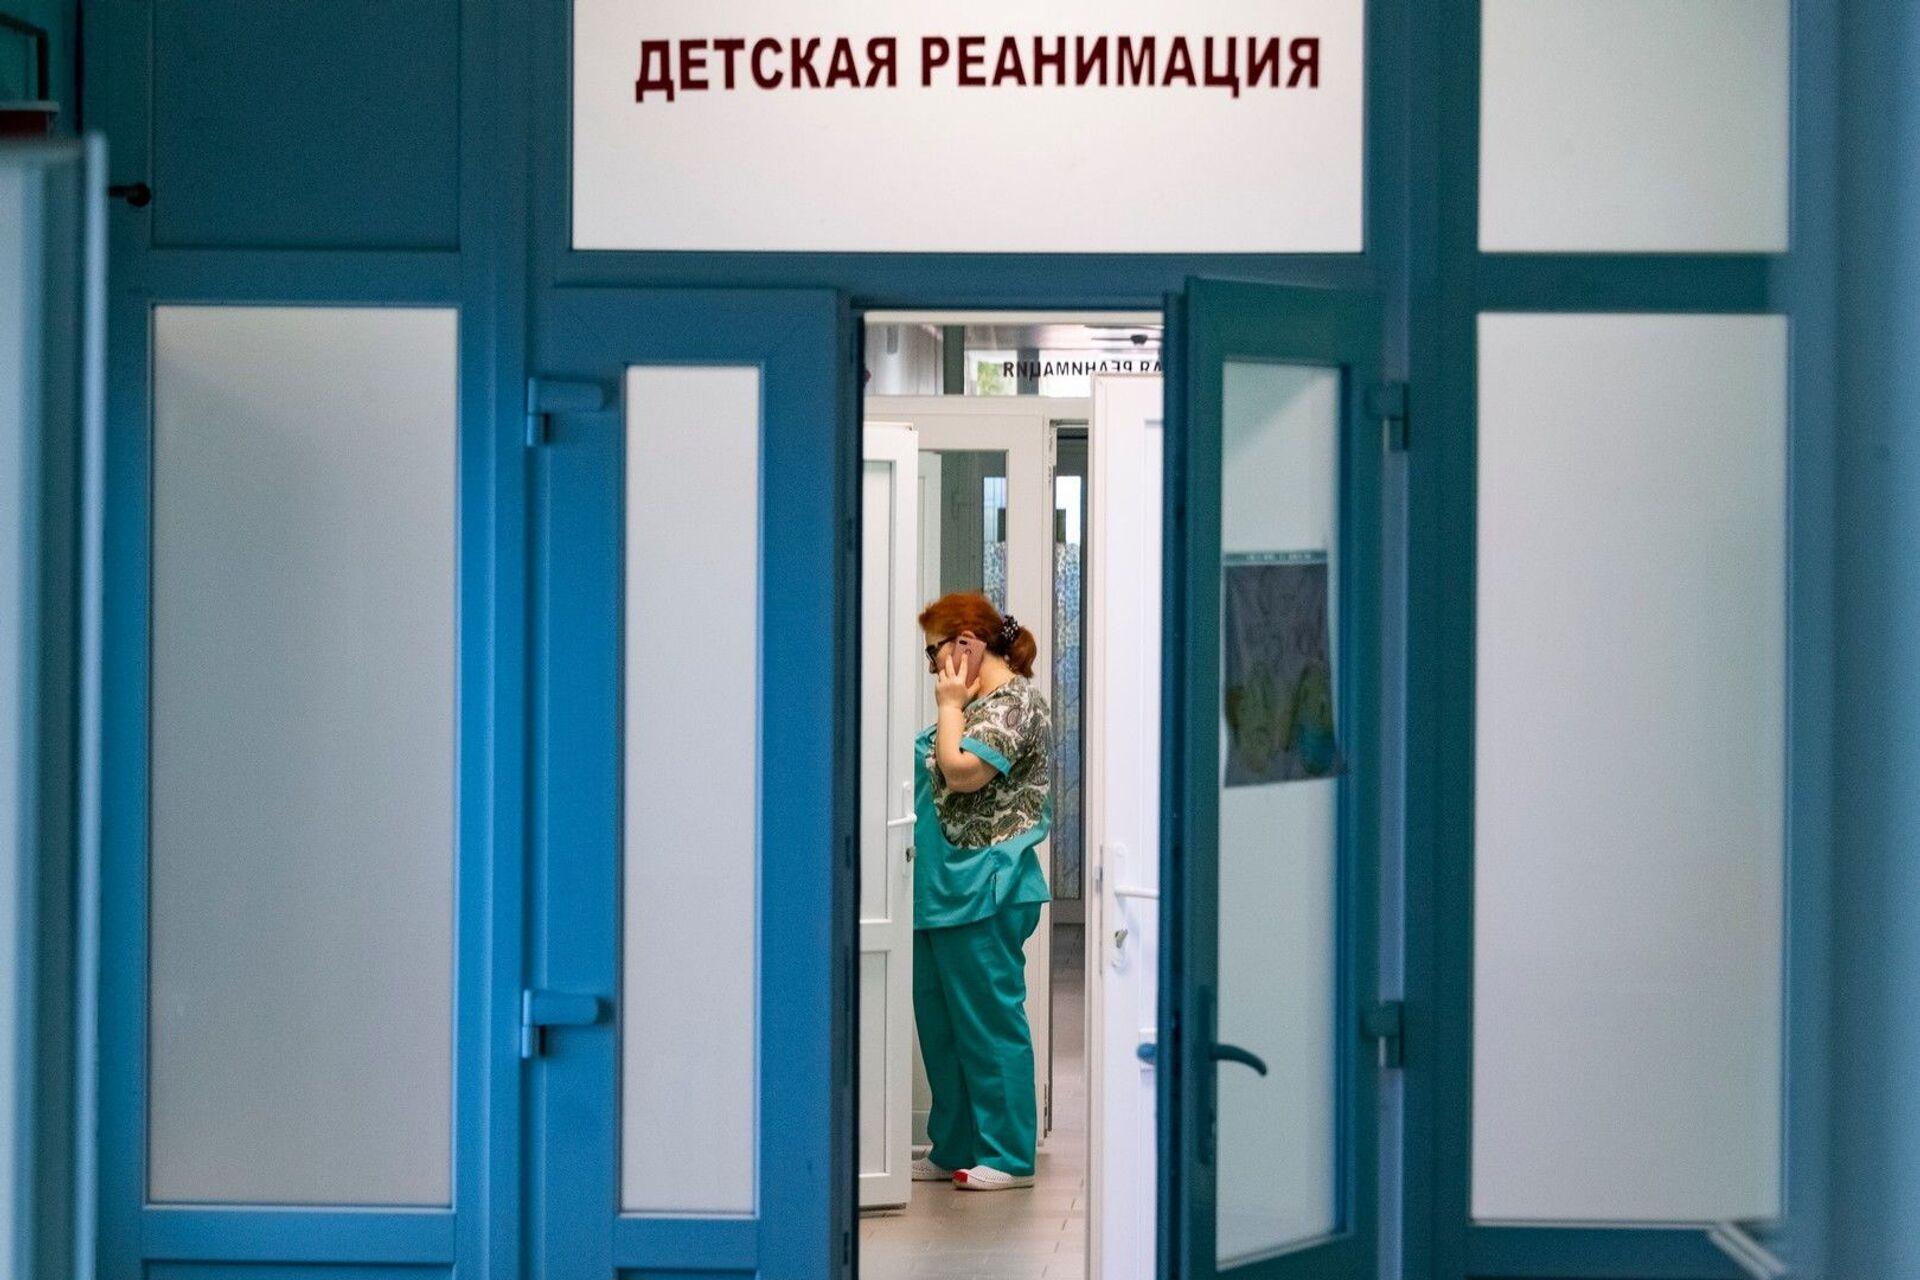 Выгоревшие стены и душные костюмы: как роддом в Крыму пережил COVID - РИА Новости, 1920, 04.03.2021